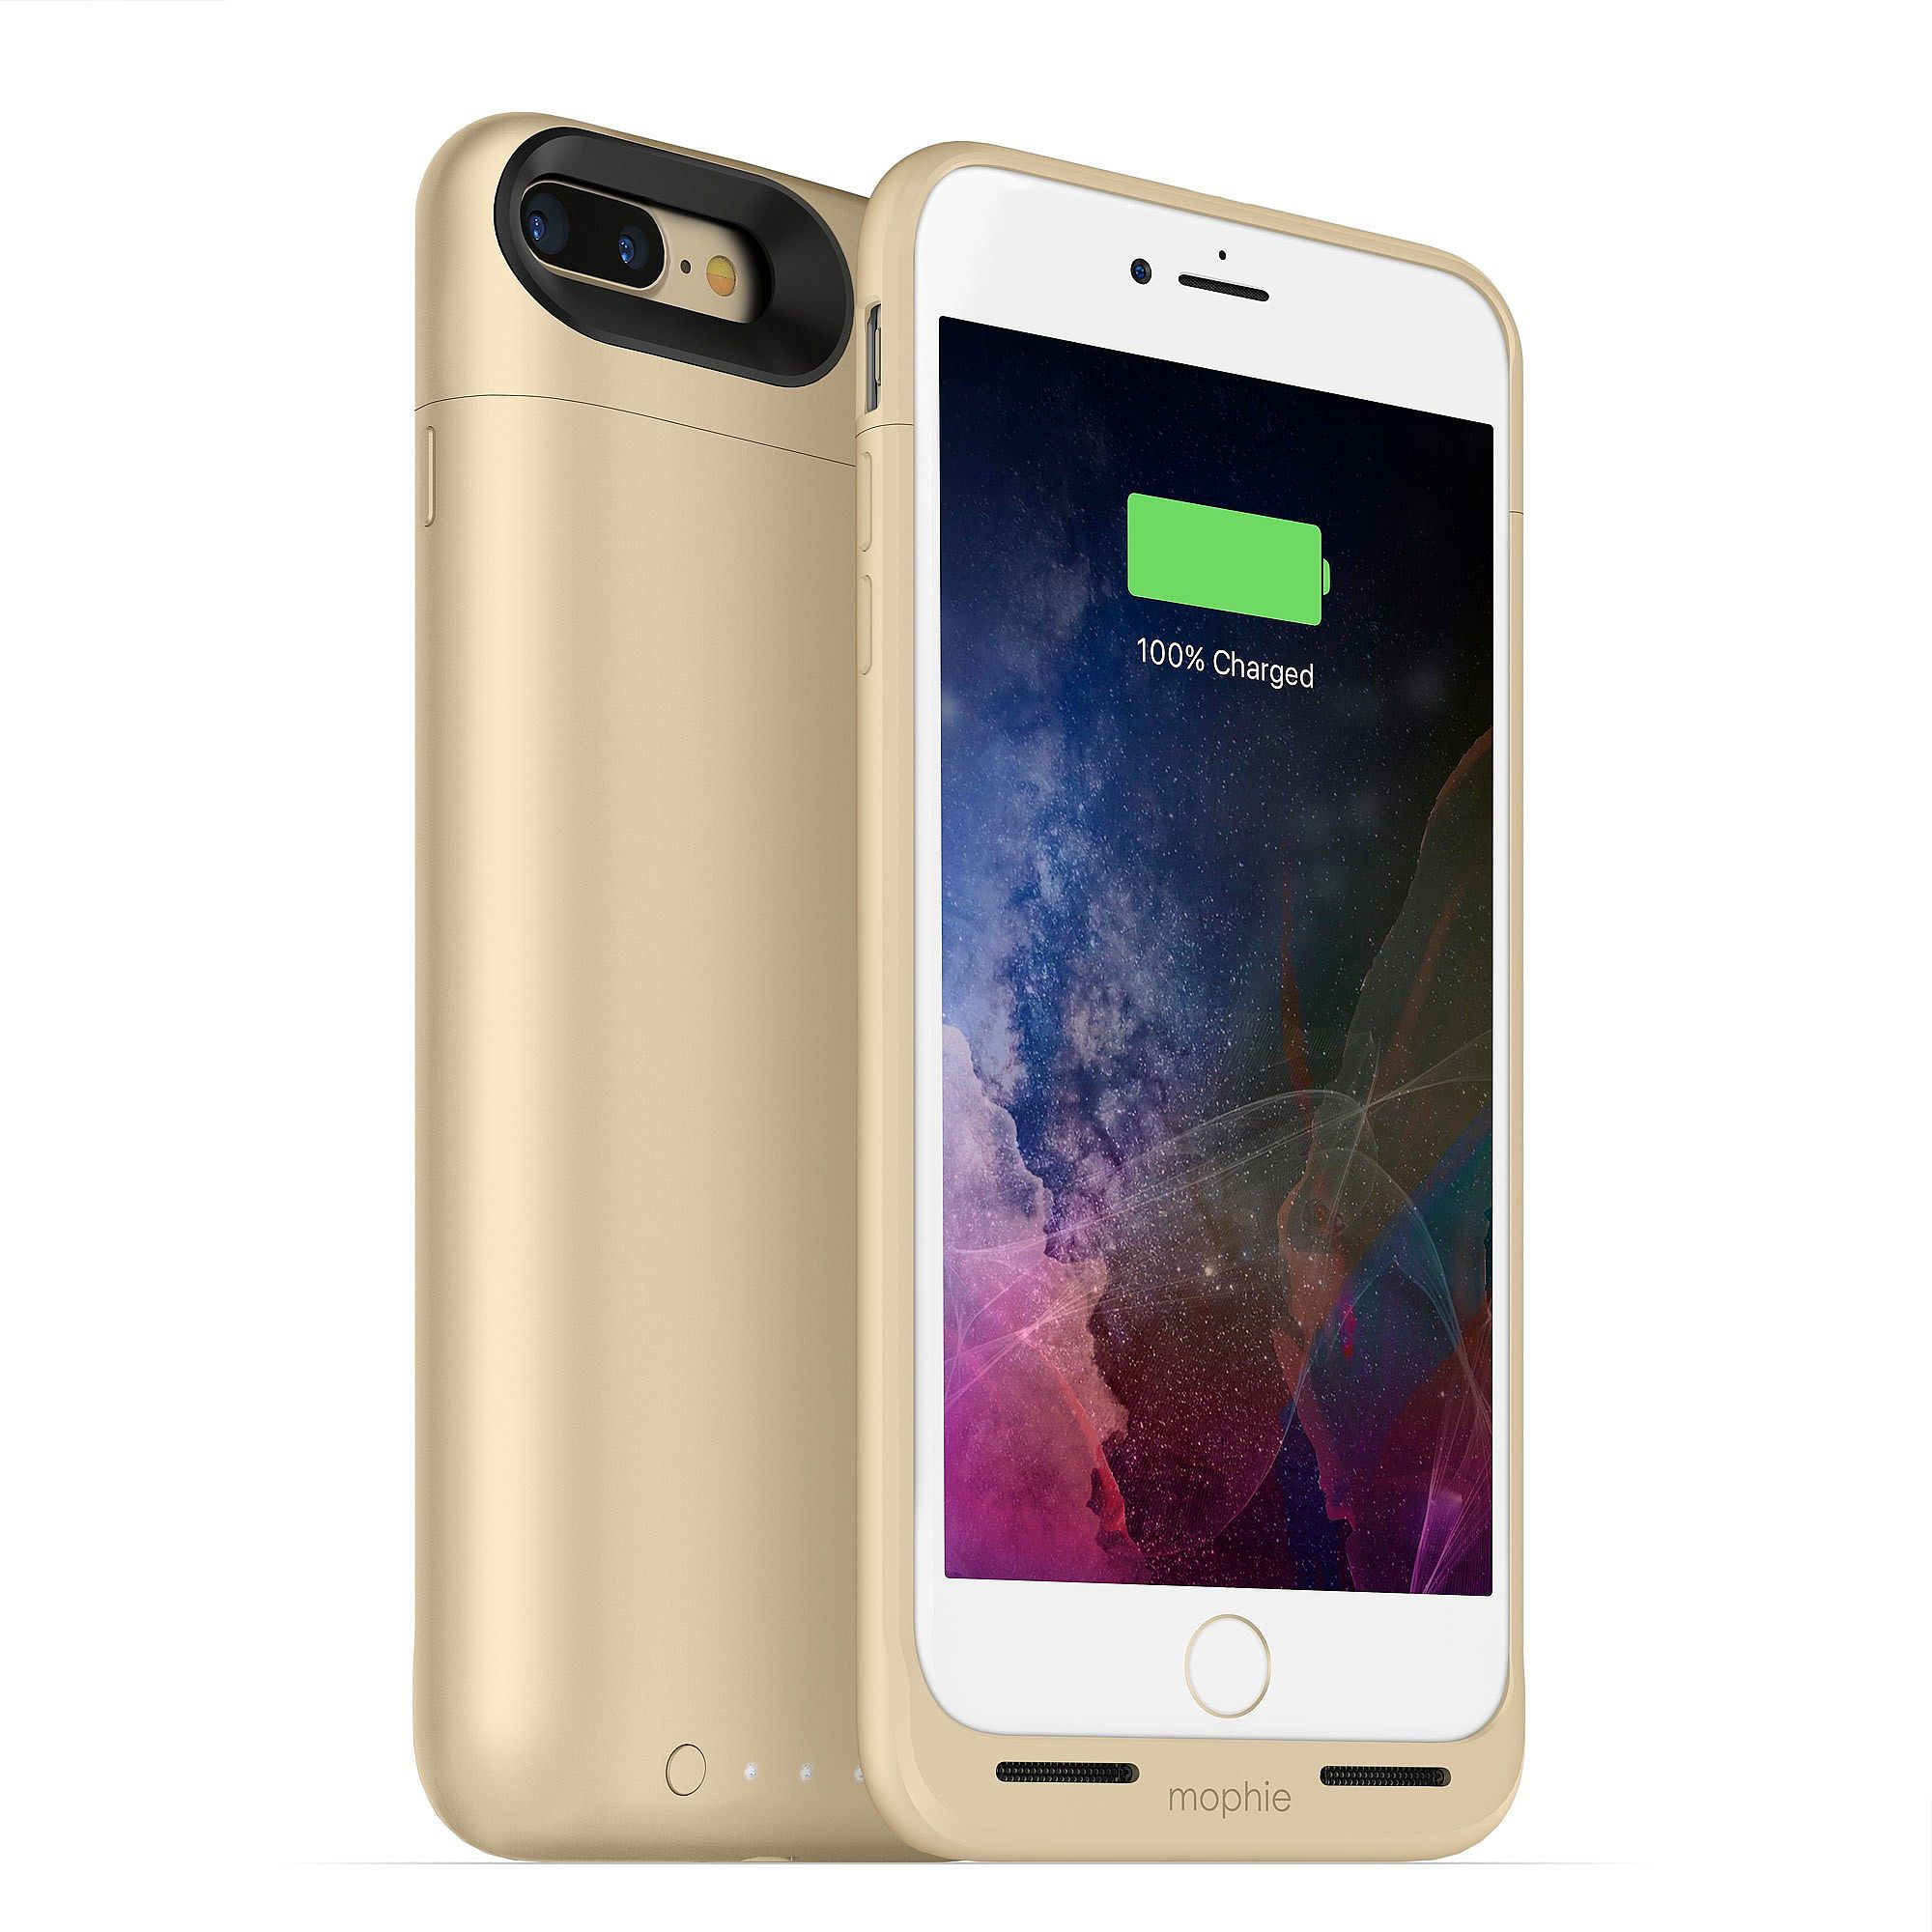 rechargable iphone 7 plus case